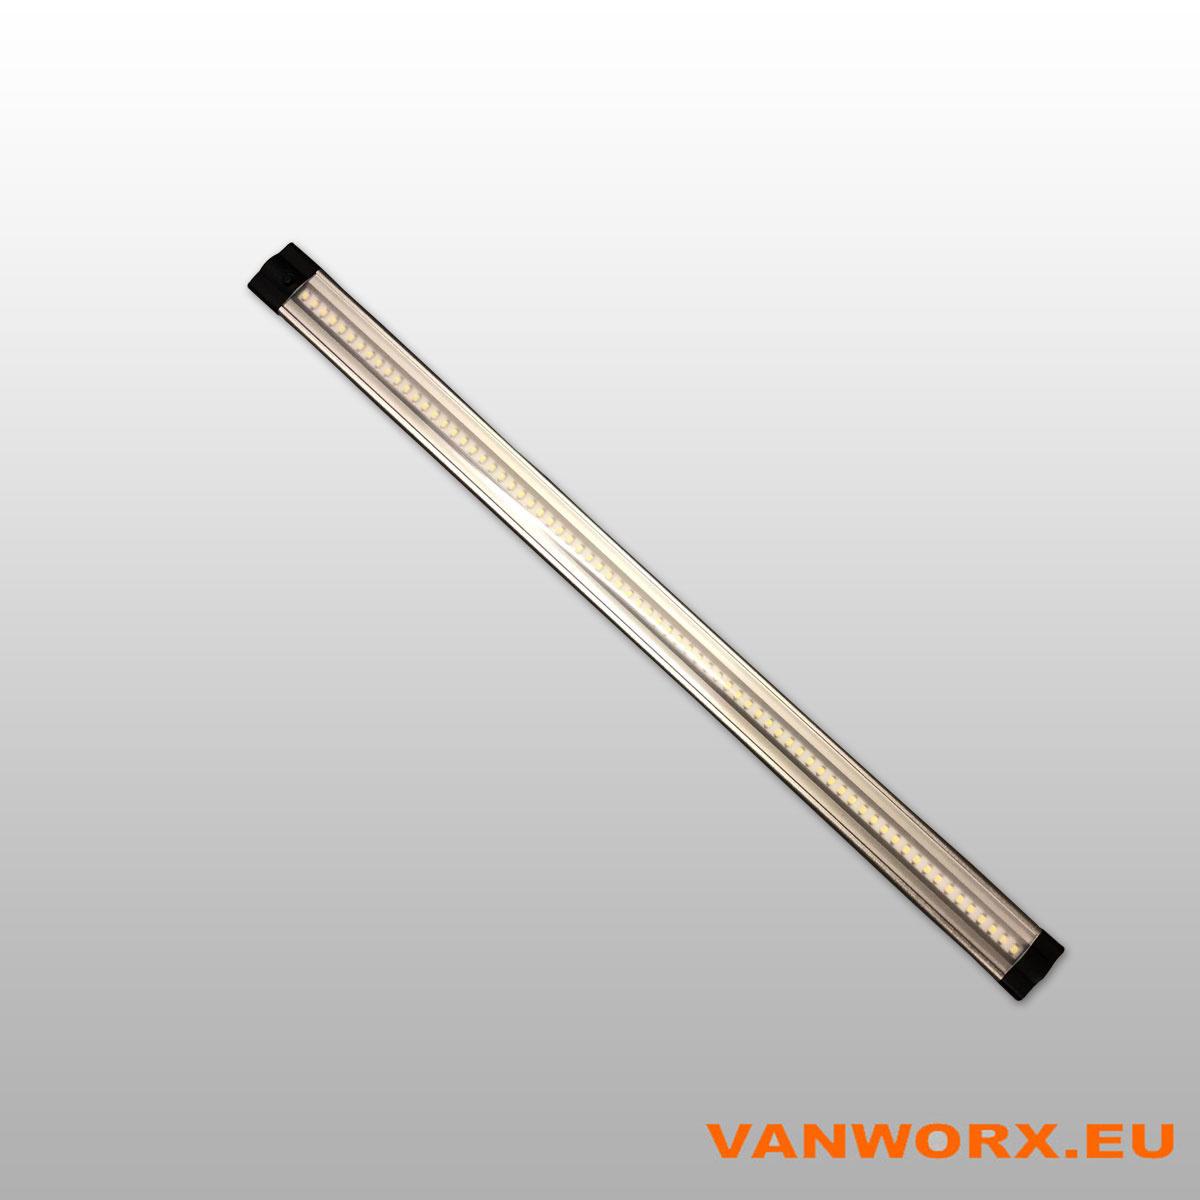 LED-Streifen Alu flach 300 mm